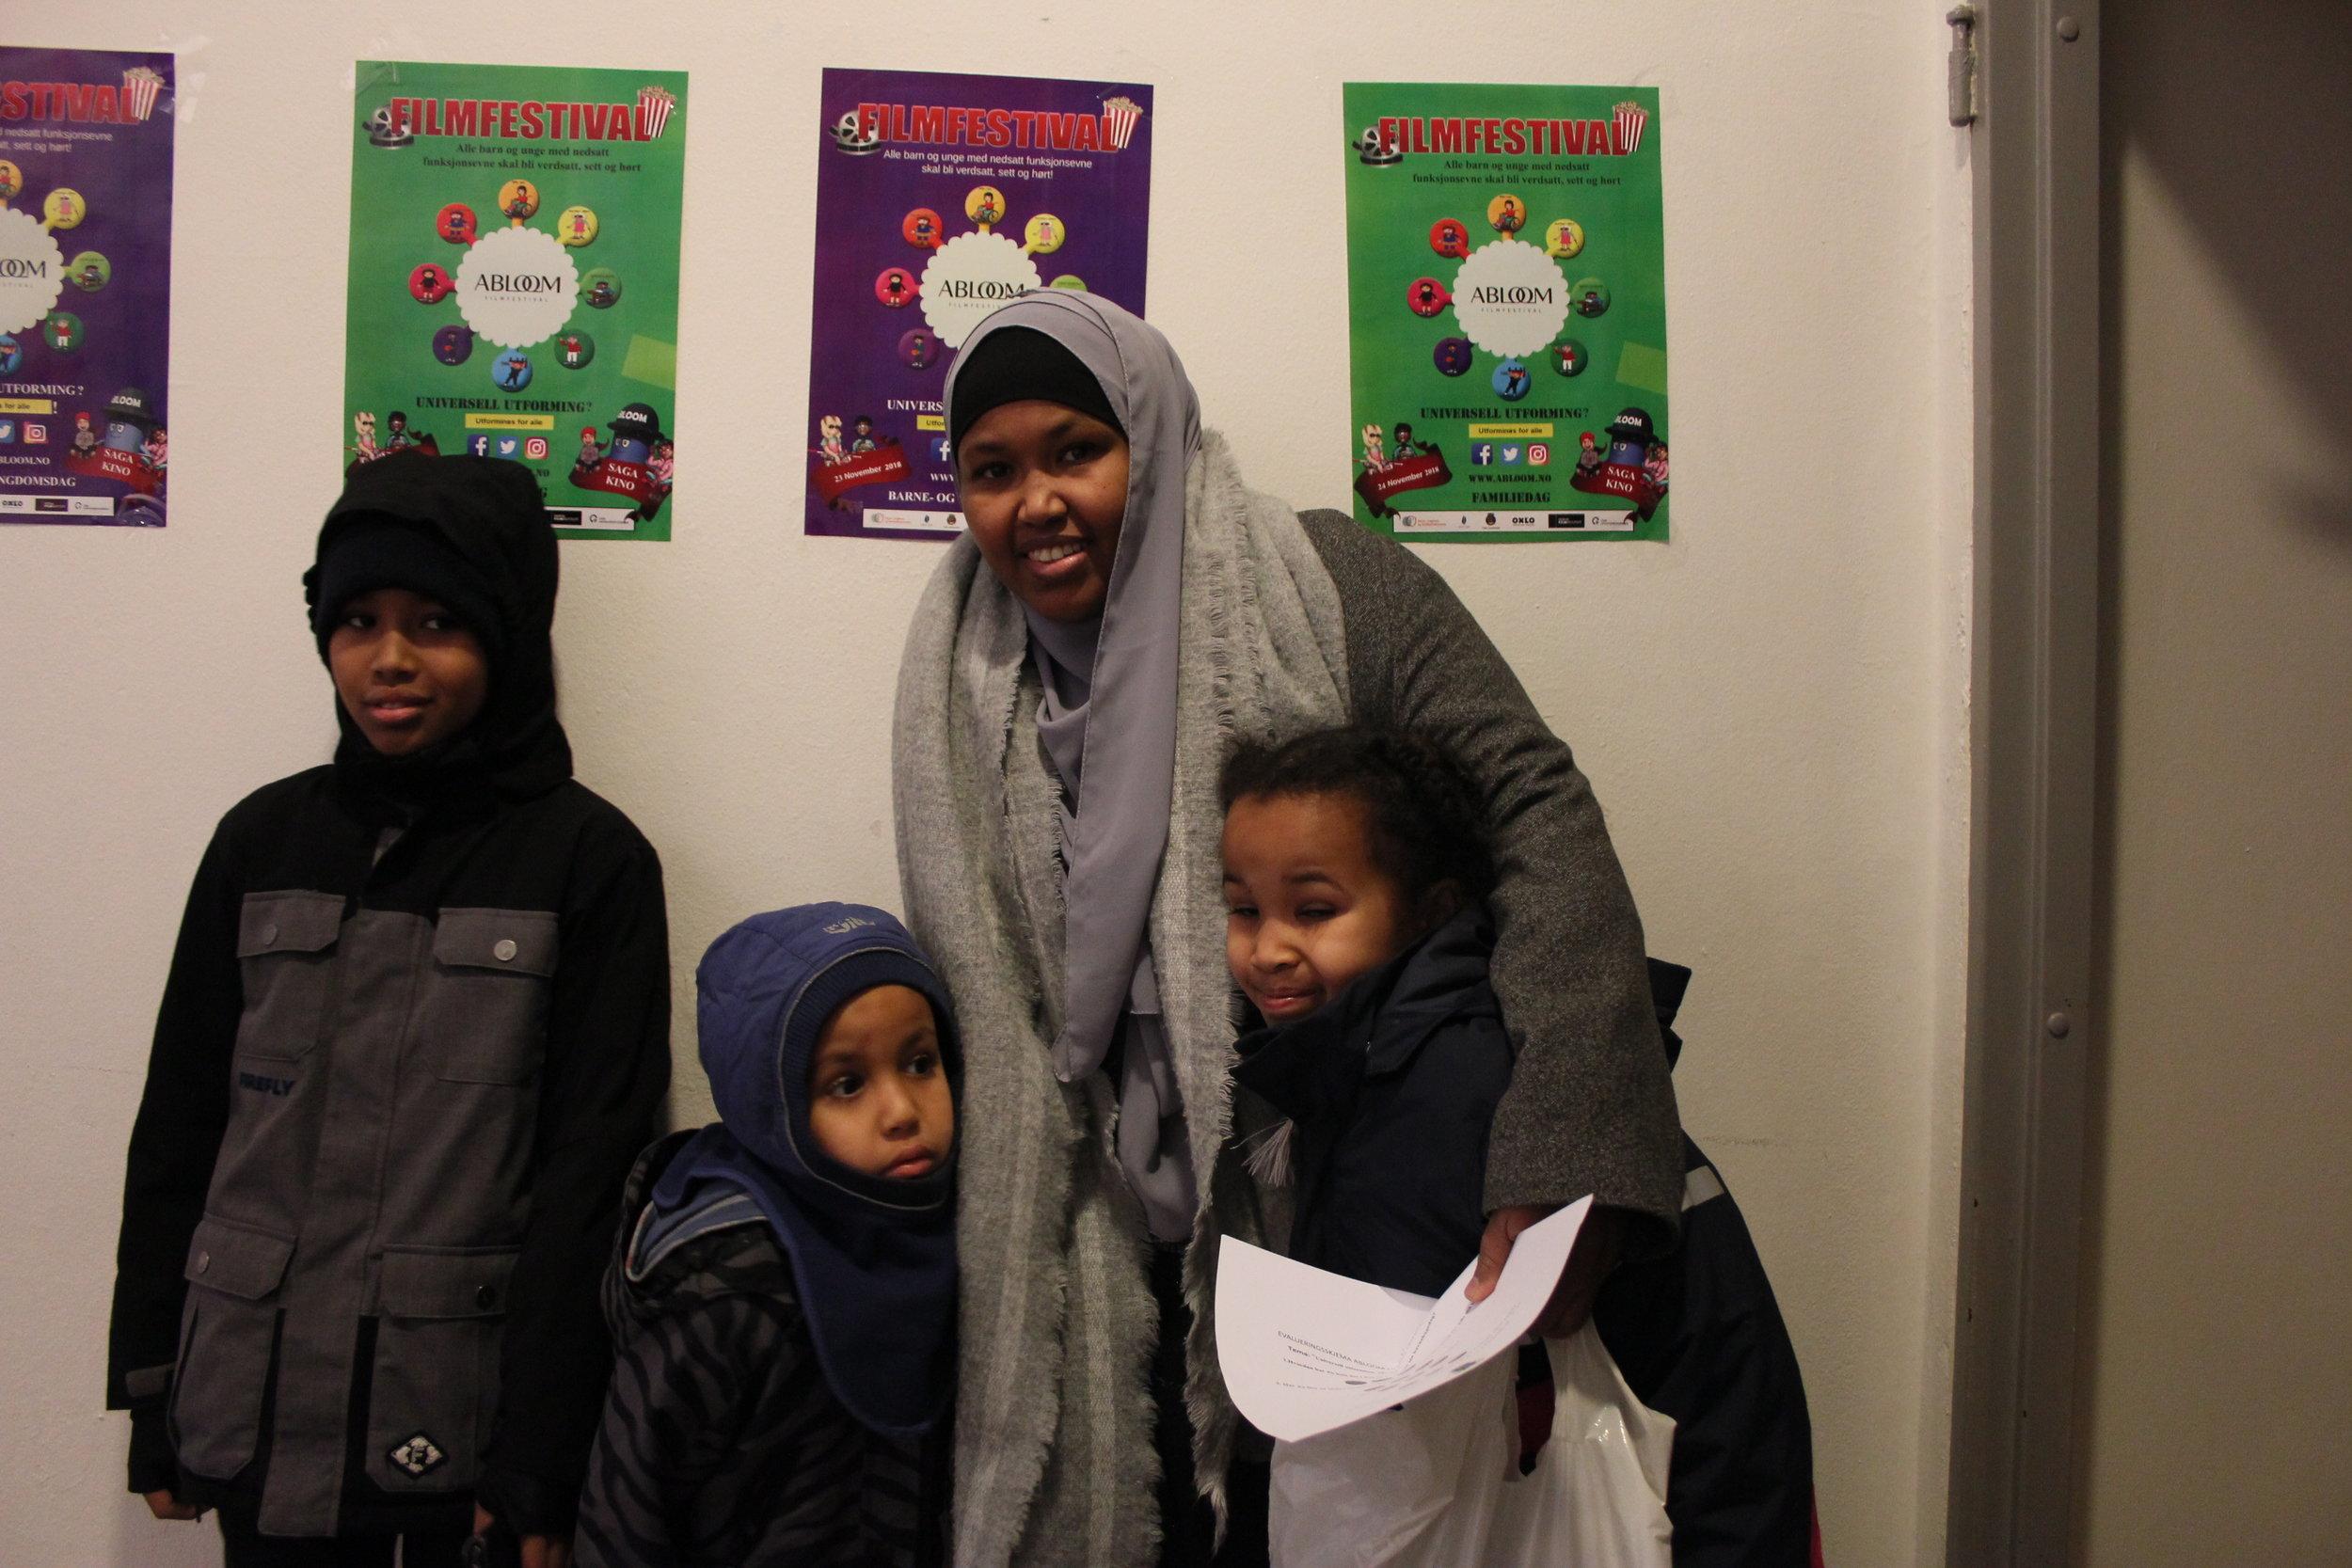 Suad var en av mange foreldre som var veldig fornøyd med årets festival